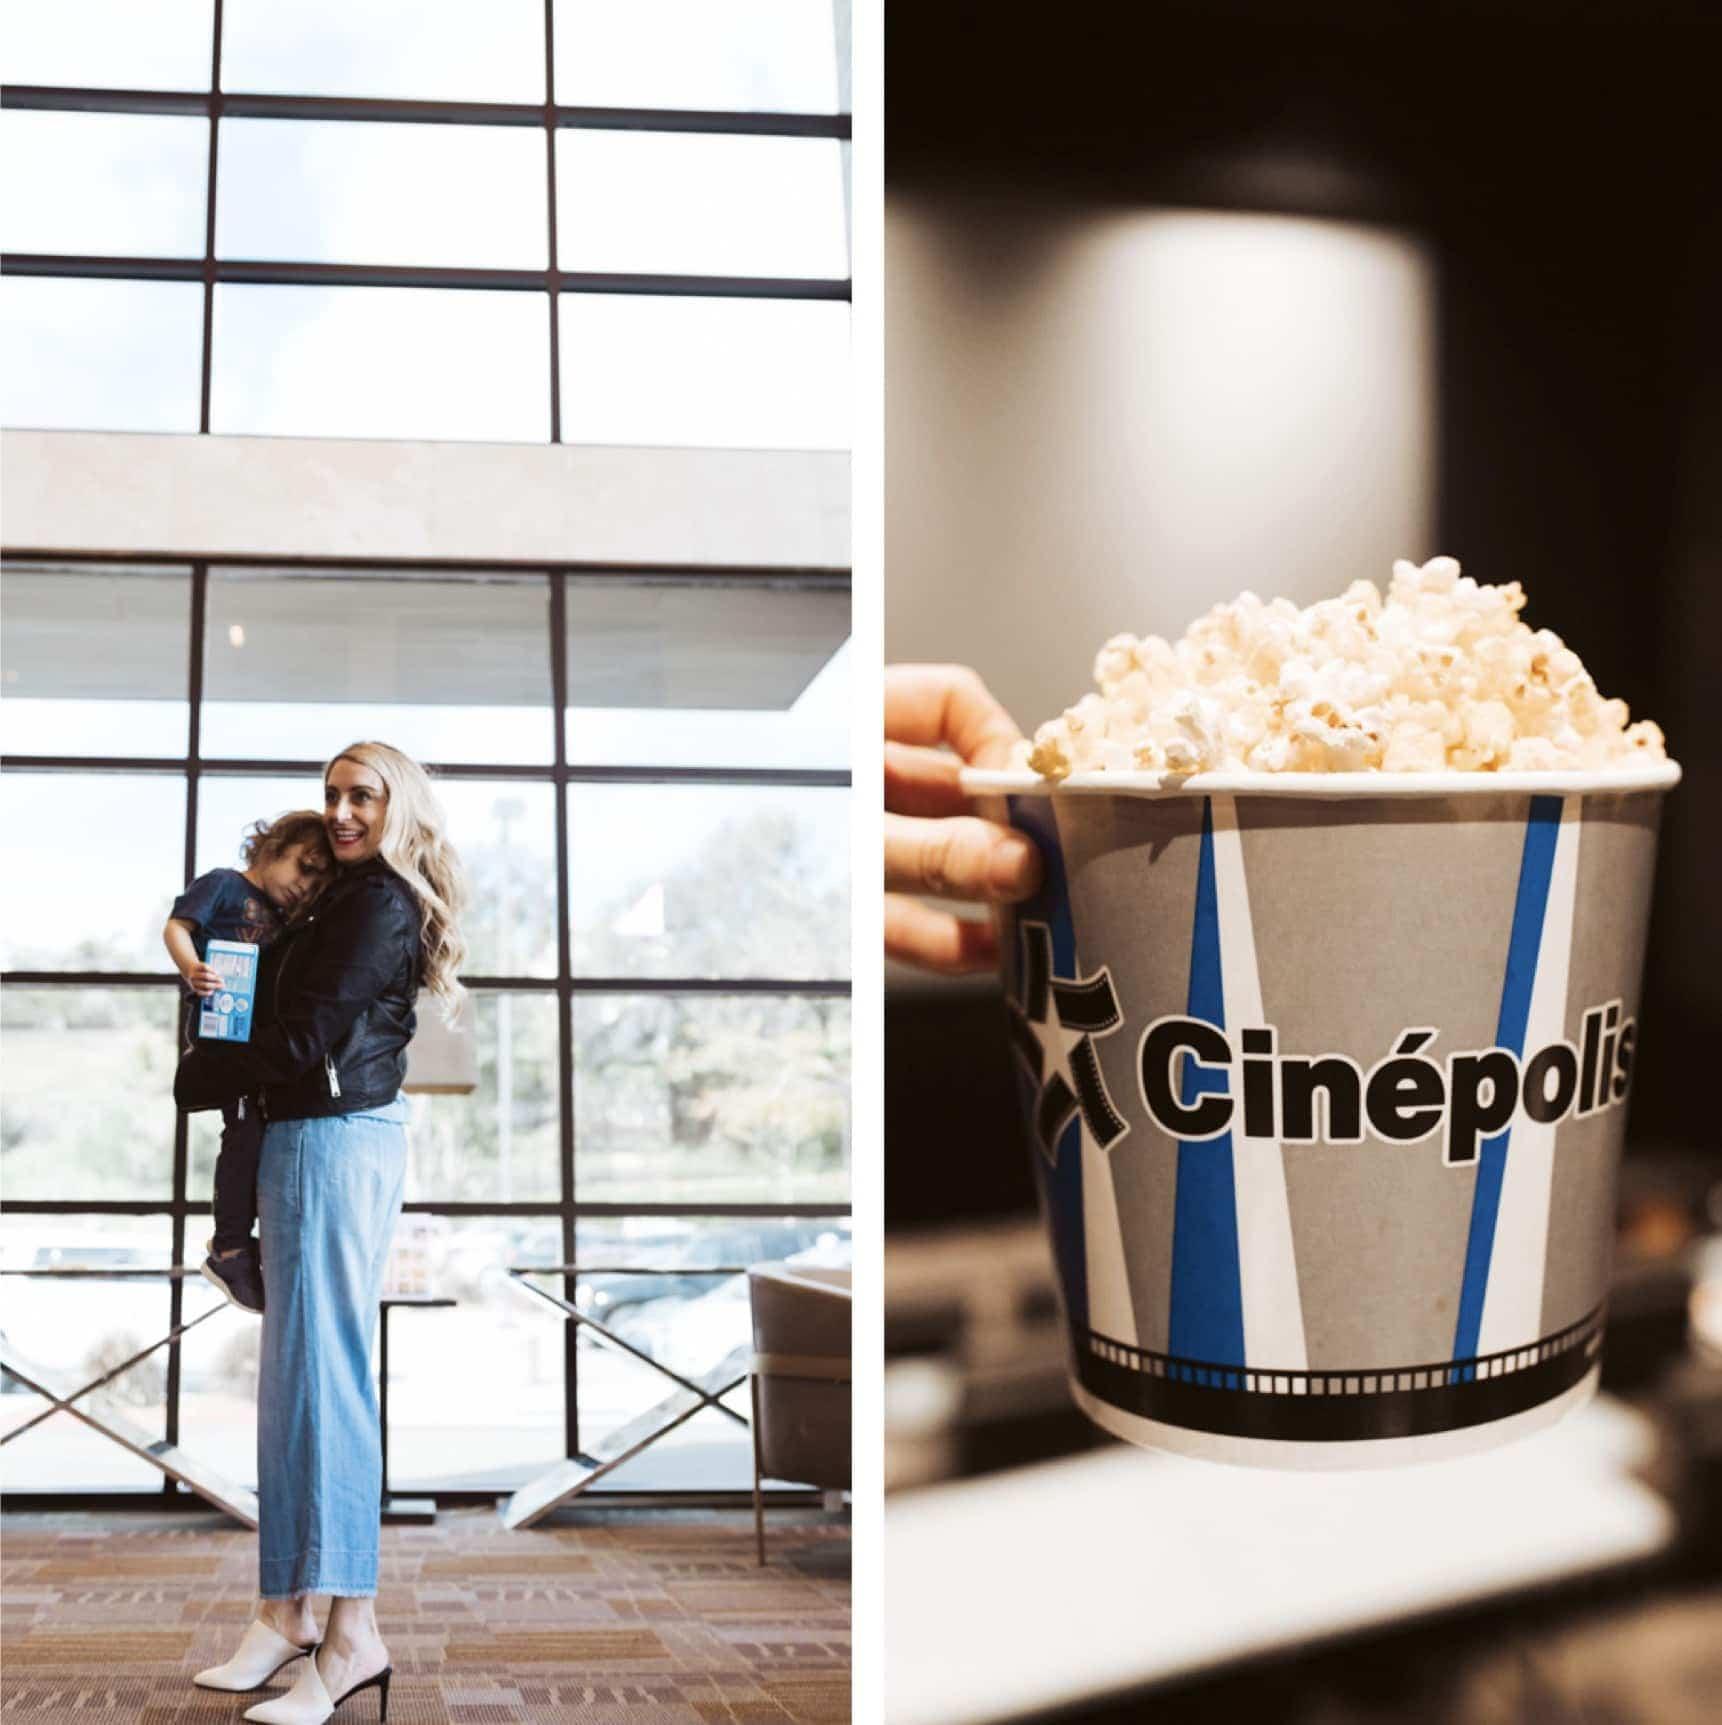 cinepolis movie popcorn